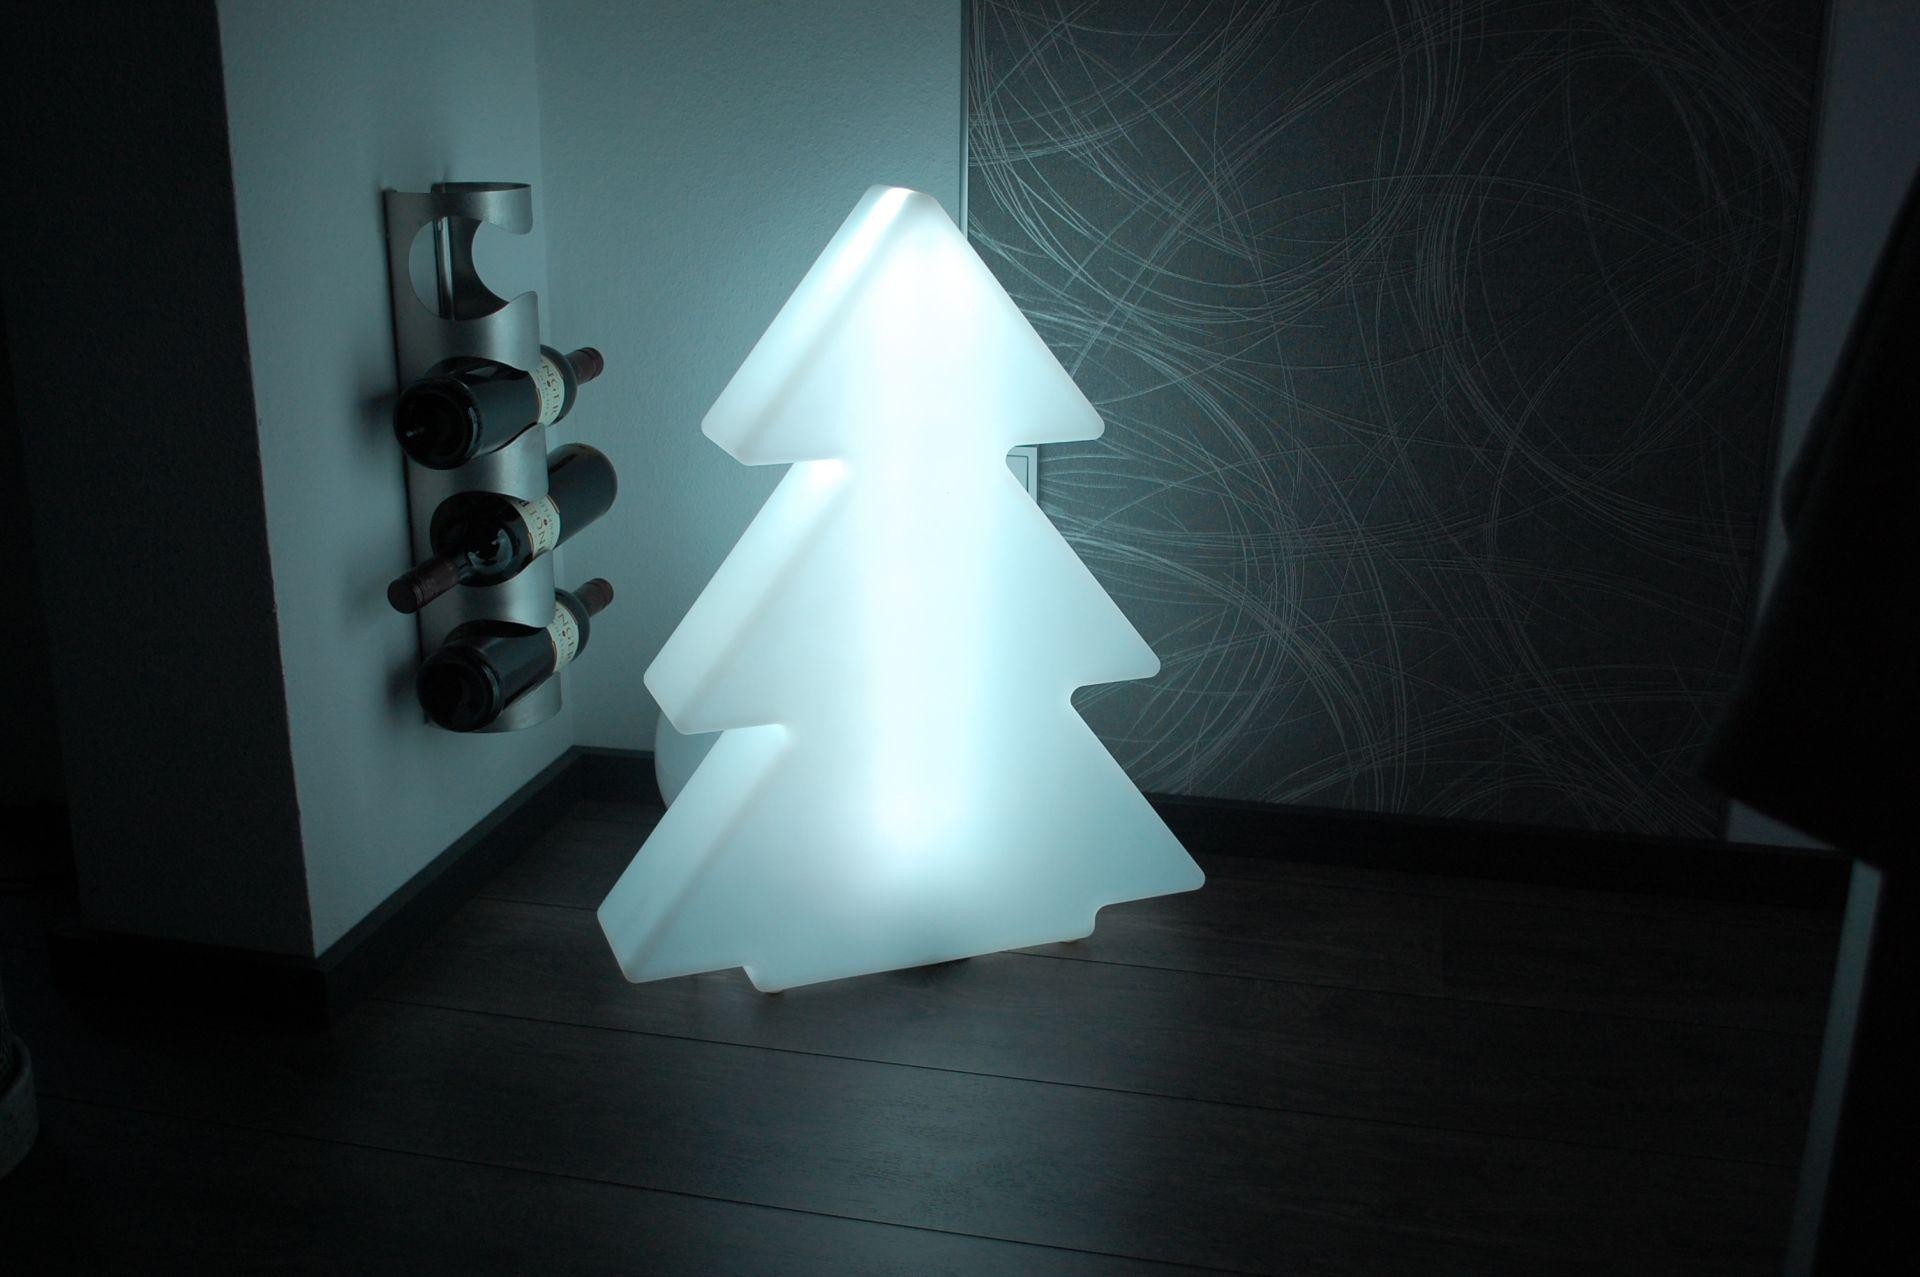 Tannenbaum Beleuchtet Kunststoff.Details Zu Led Weihnachtsbaum Tannenbaum Weihnachten Tanna Kunststoff Beleuchtet 63 Cm